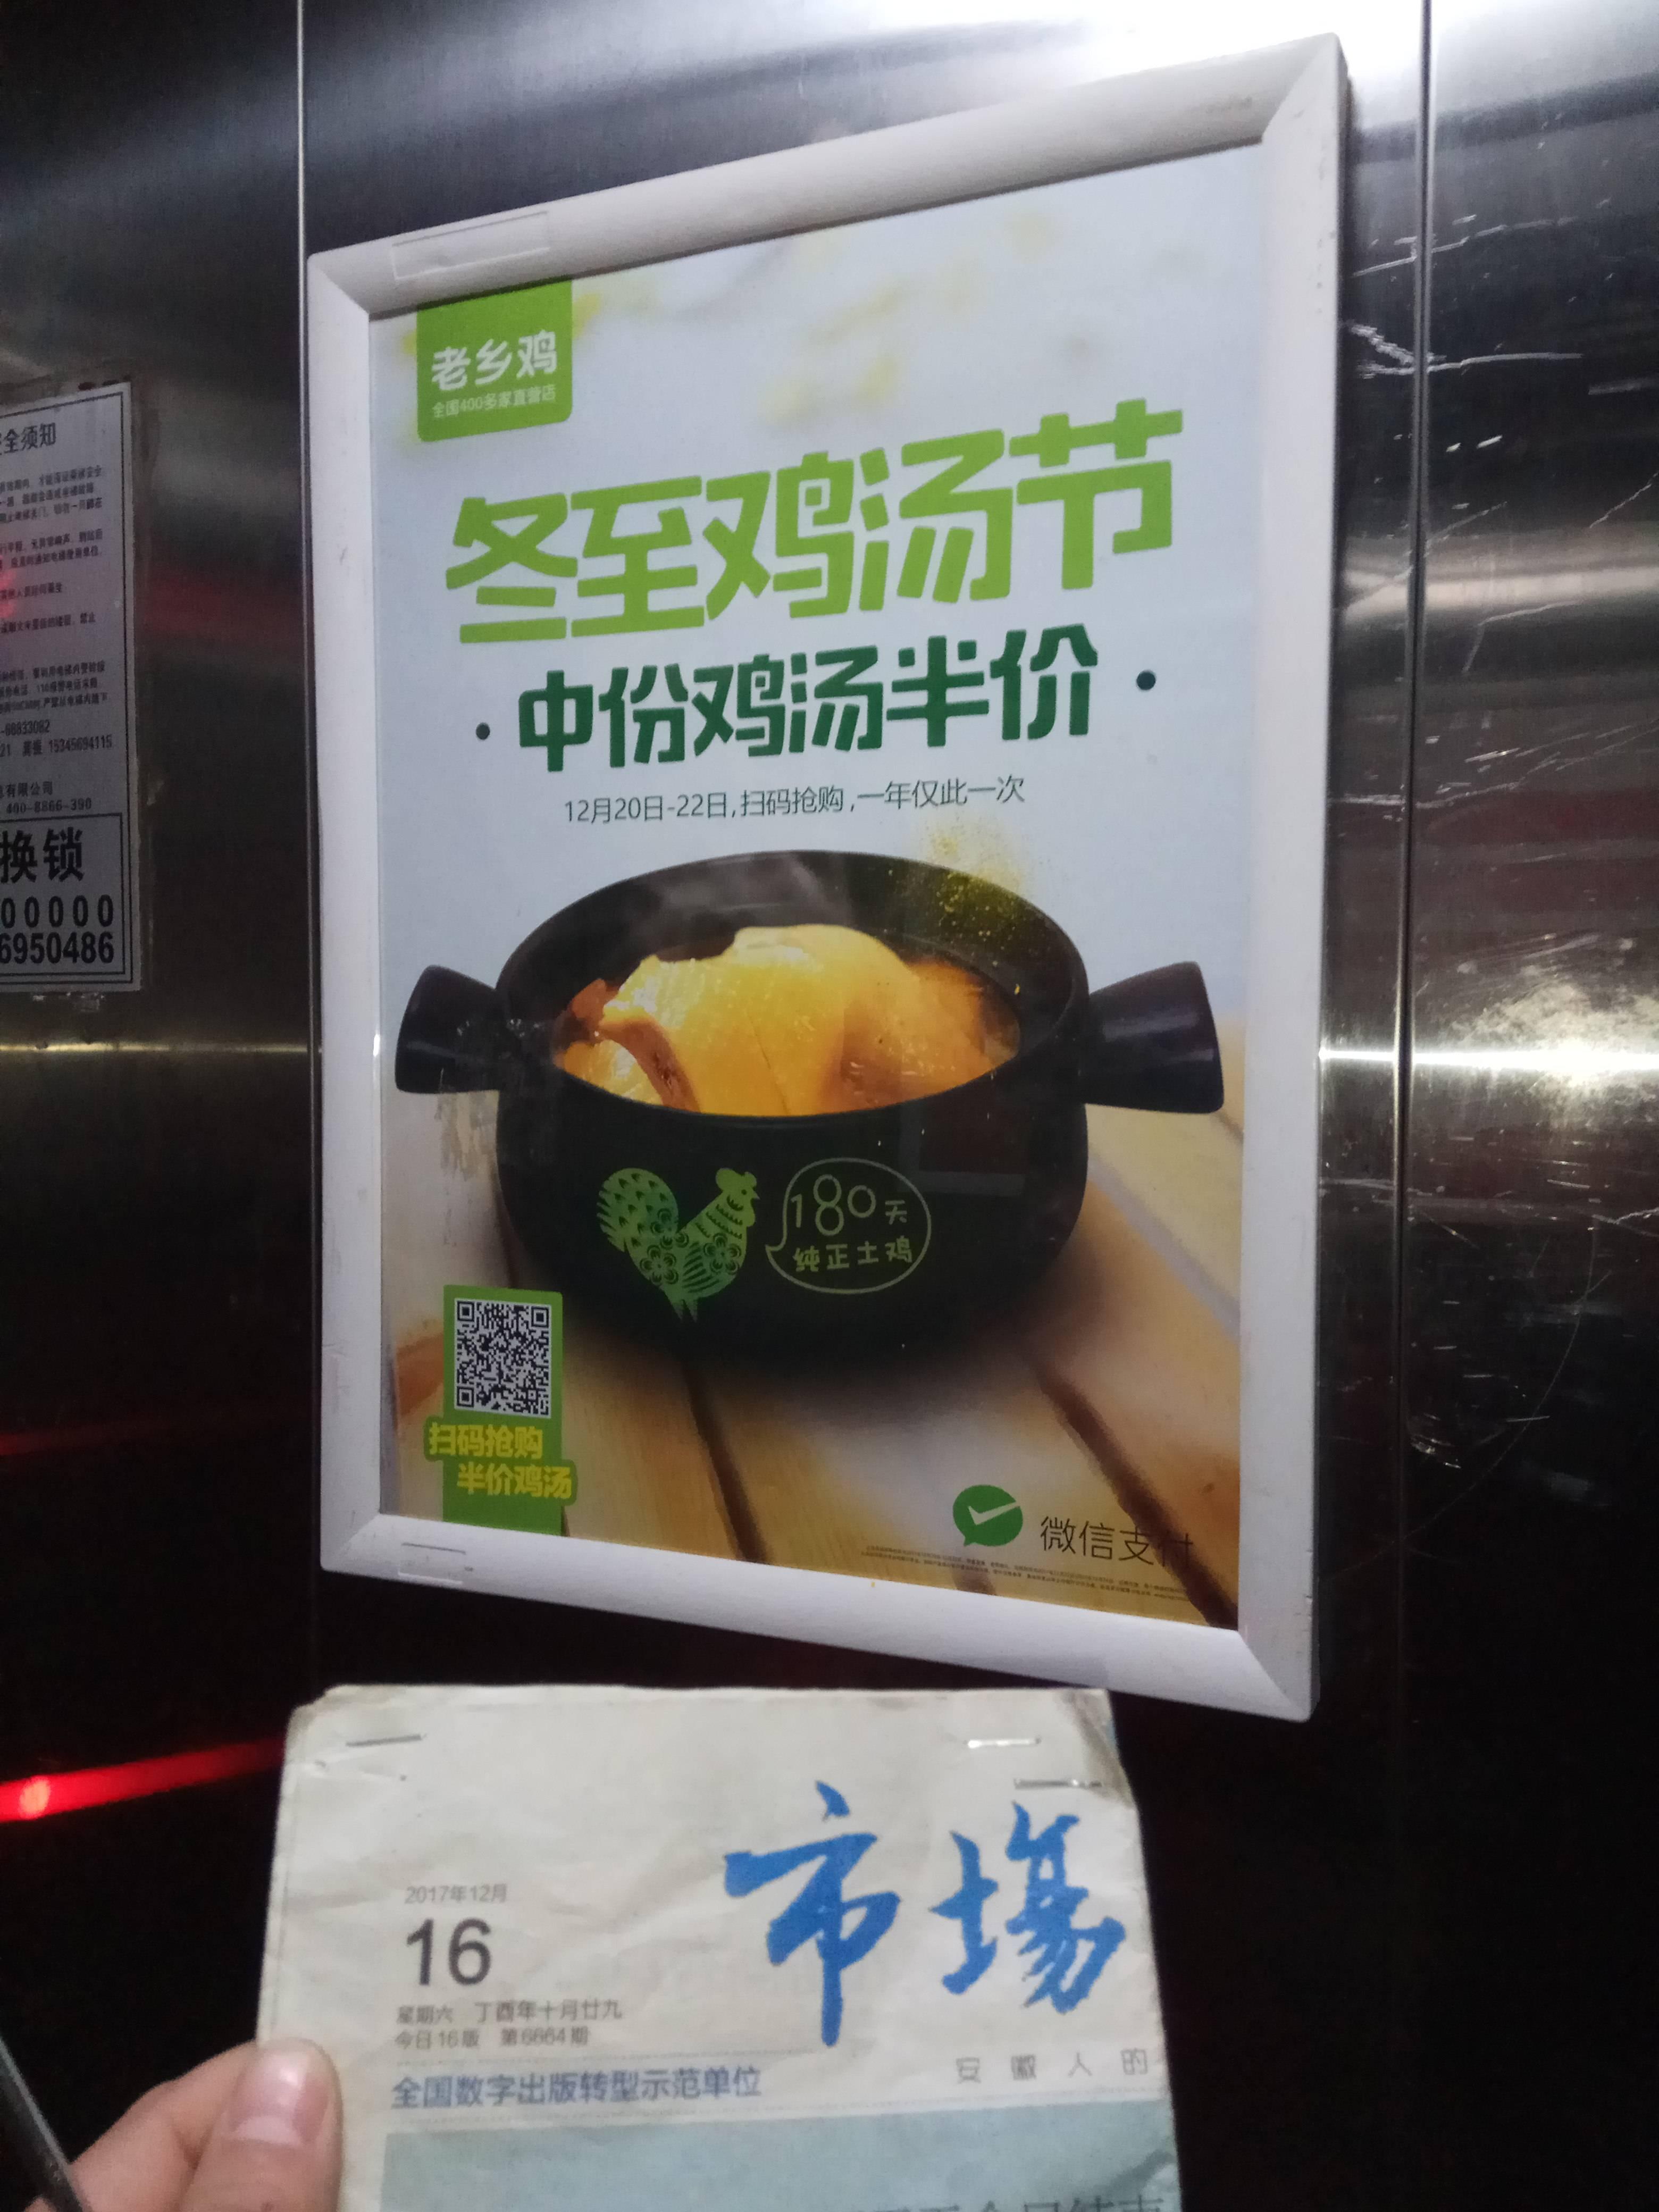 安徽电梯平面海报框架广告(100张起投)